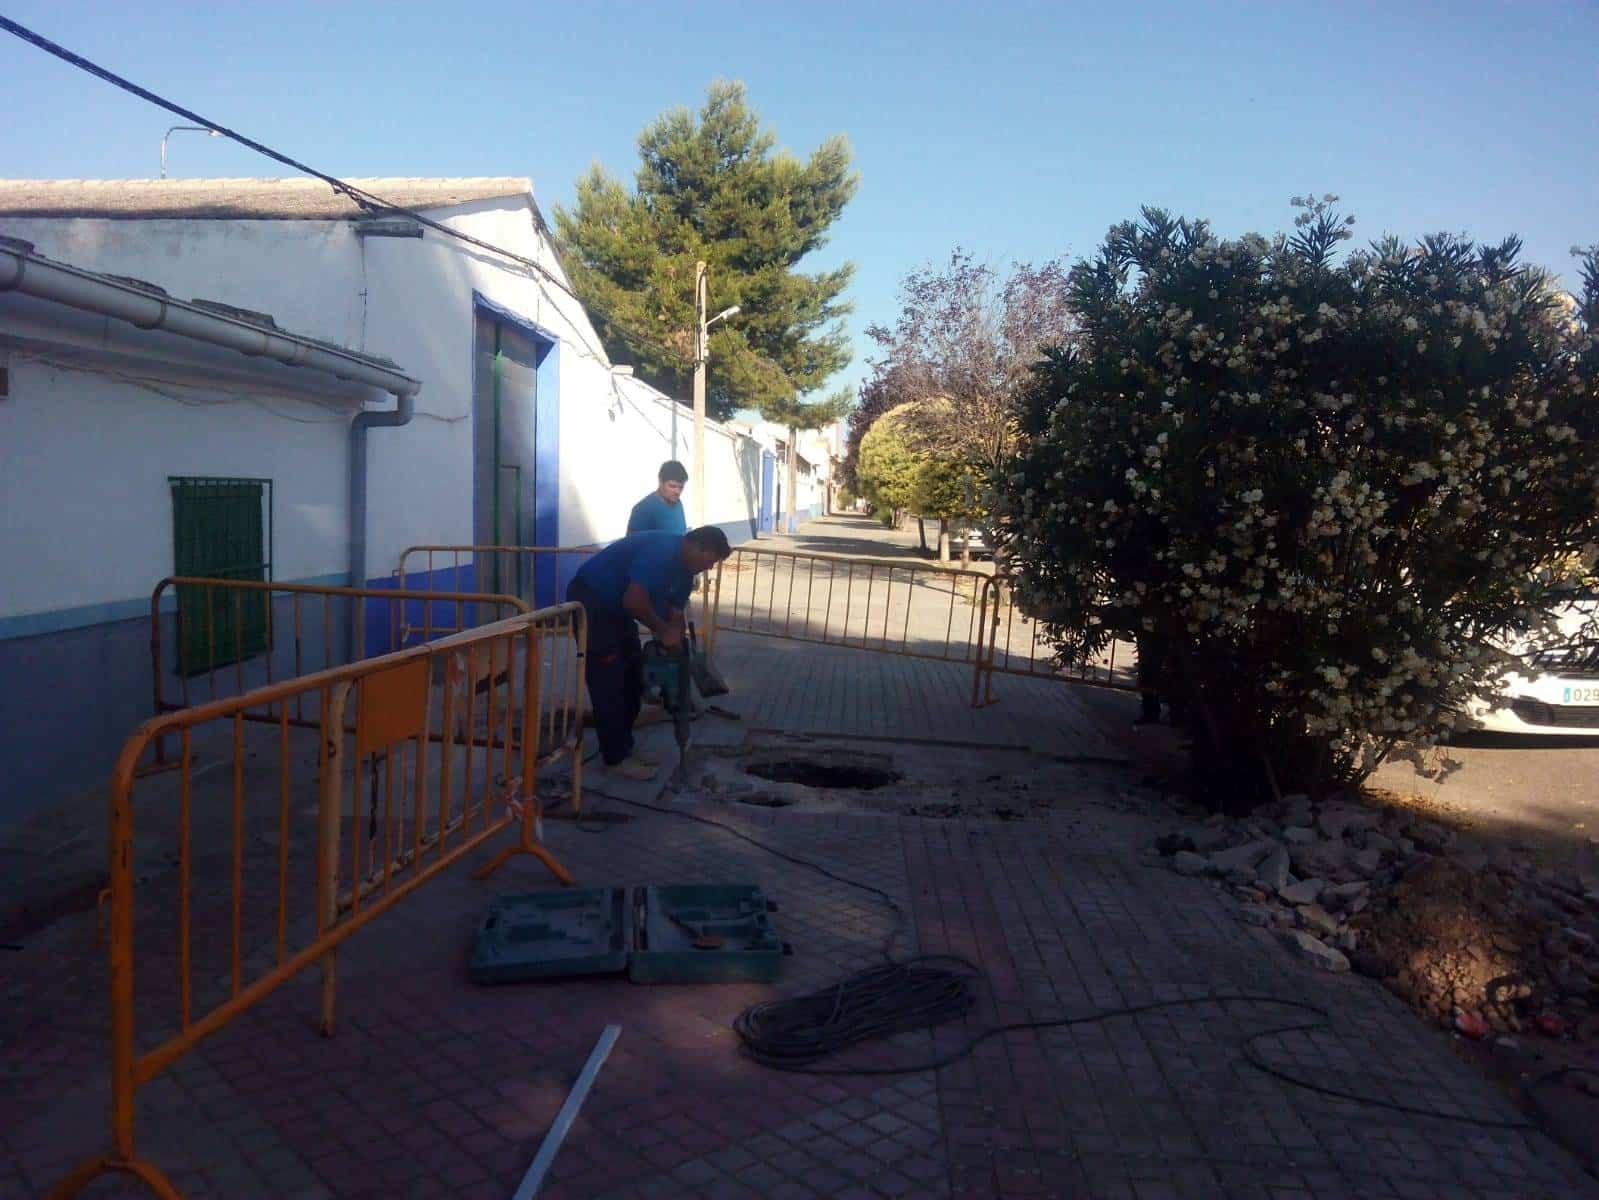 actuaciones acerados en herencia - Actuaciones en los acerados de reposición y consolidación de pavimentos